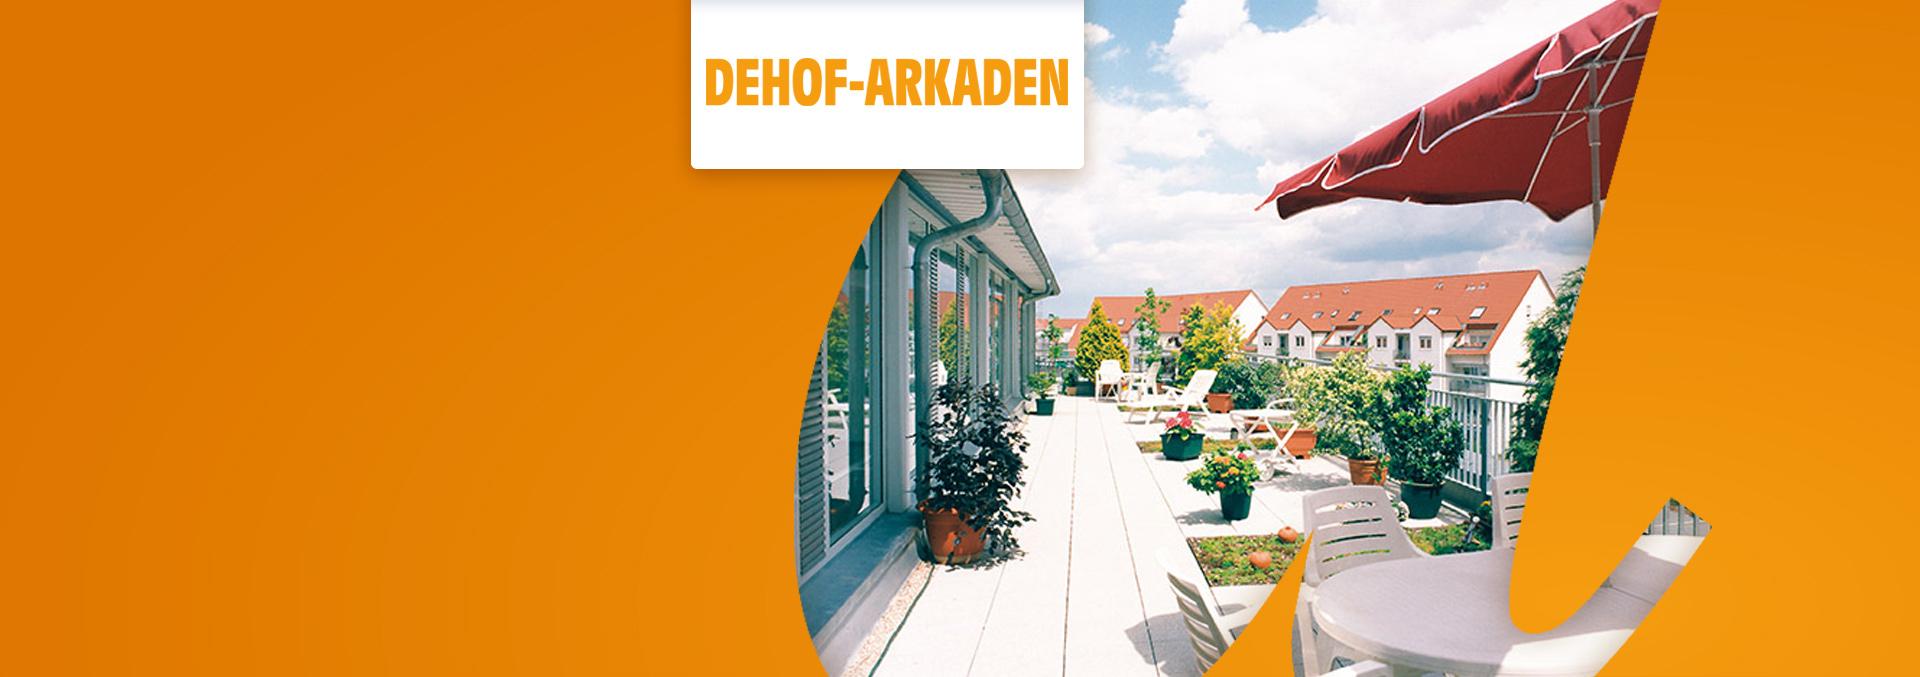 Service-Wohnanlage DEHOF-ARKADEN Terrasse vor einer Glasfront mit weißen Sitzmöbeln, rotem Sonnenschirm, zahlreichen Topfpflanzen.